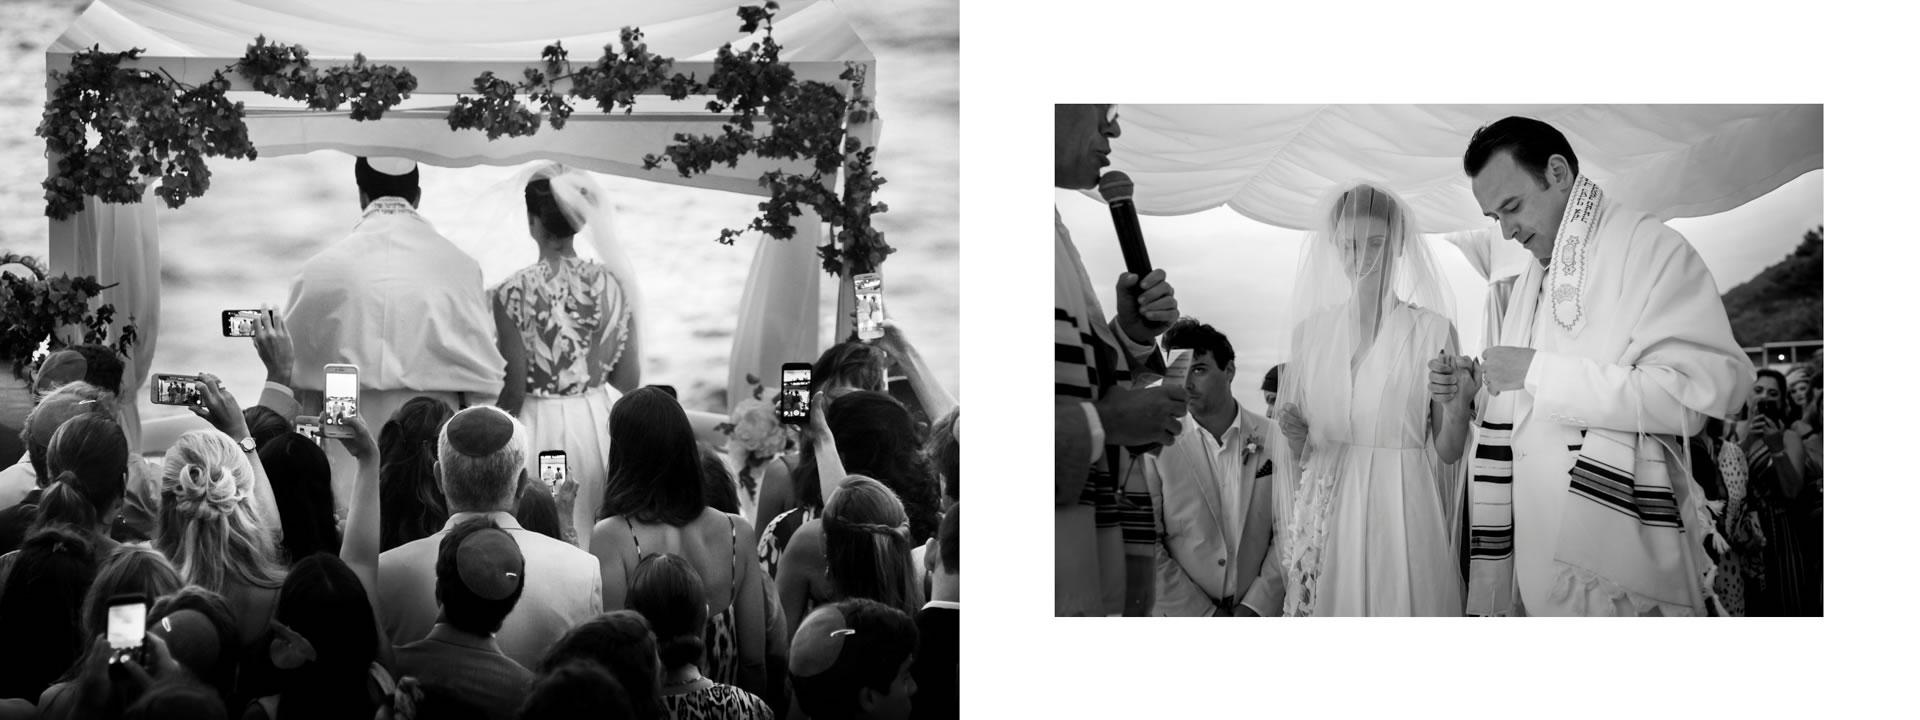 - 48 :: Jewish luxury wedding weekend in Capri :: Luxury wedding photography - 47 ::  - 48